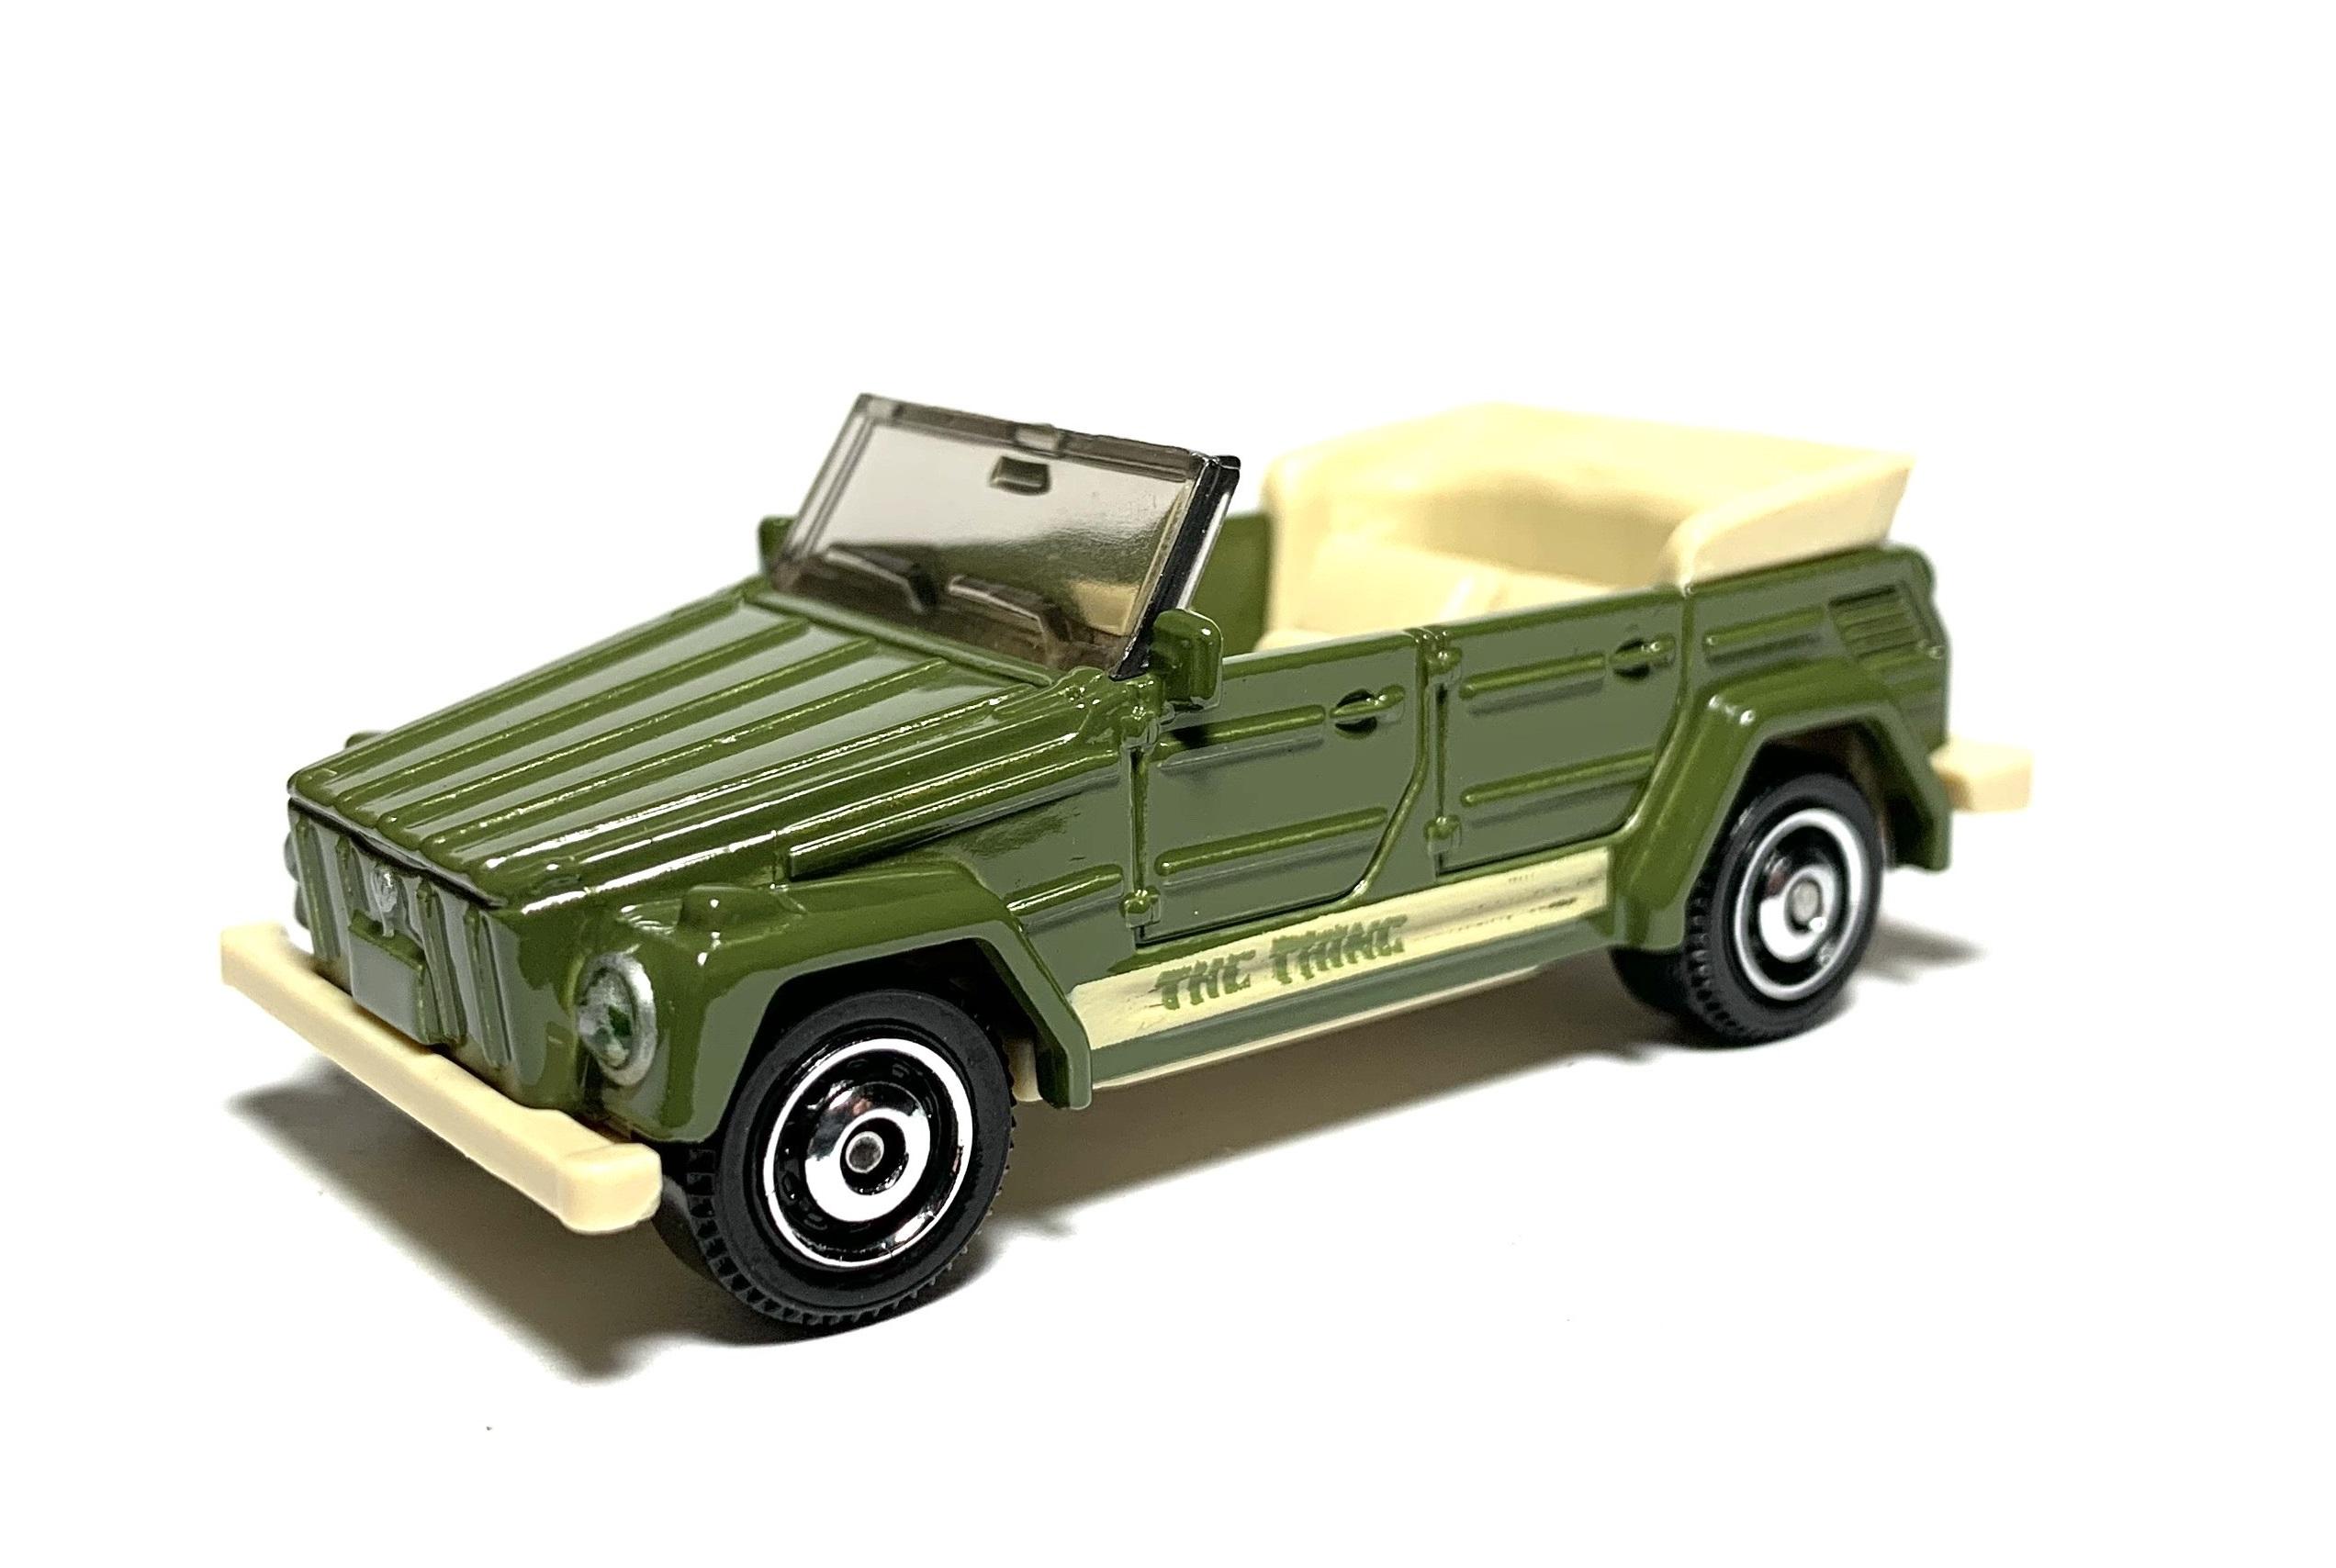 /'74 volkswagen Type 181-MBX off-road 75-nuevo en caja original Matchbox 2019